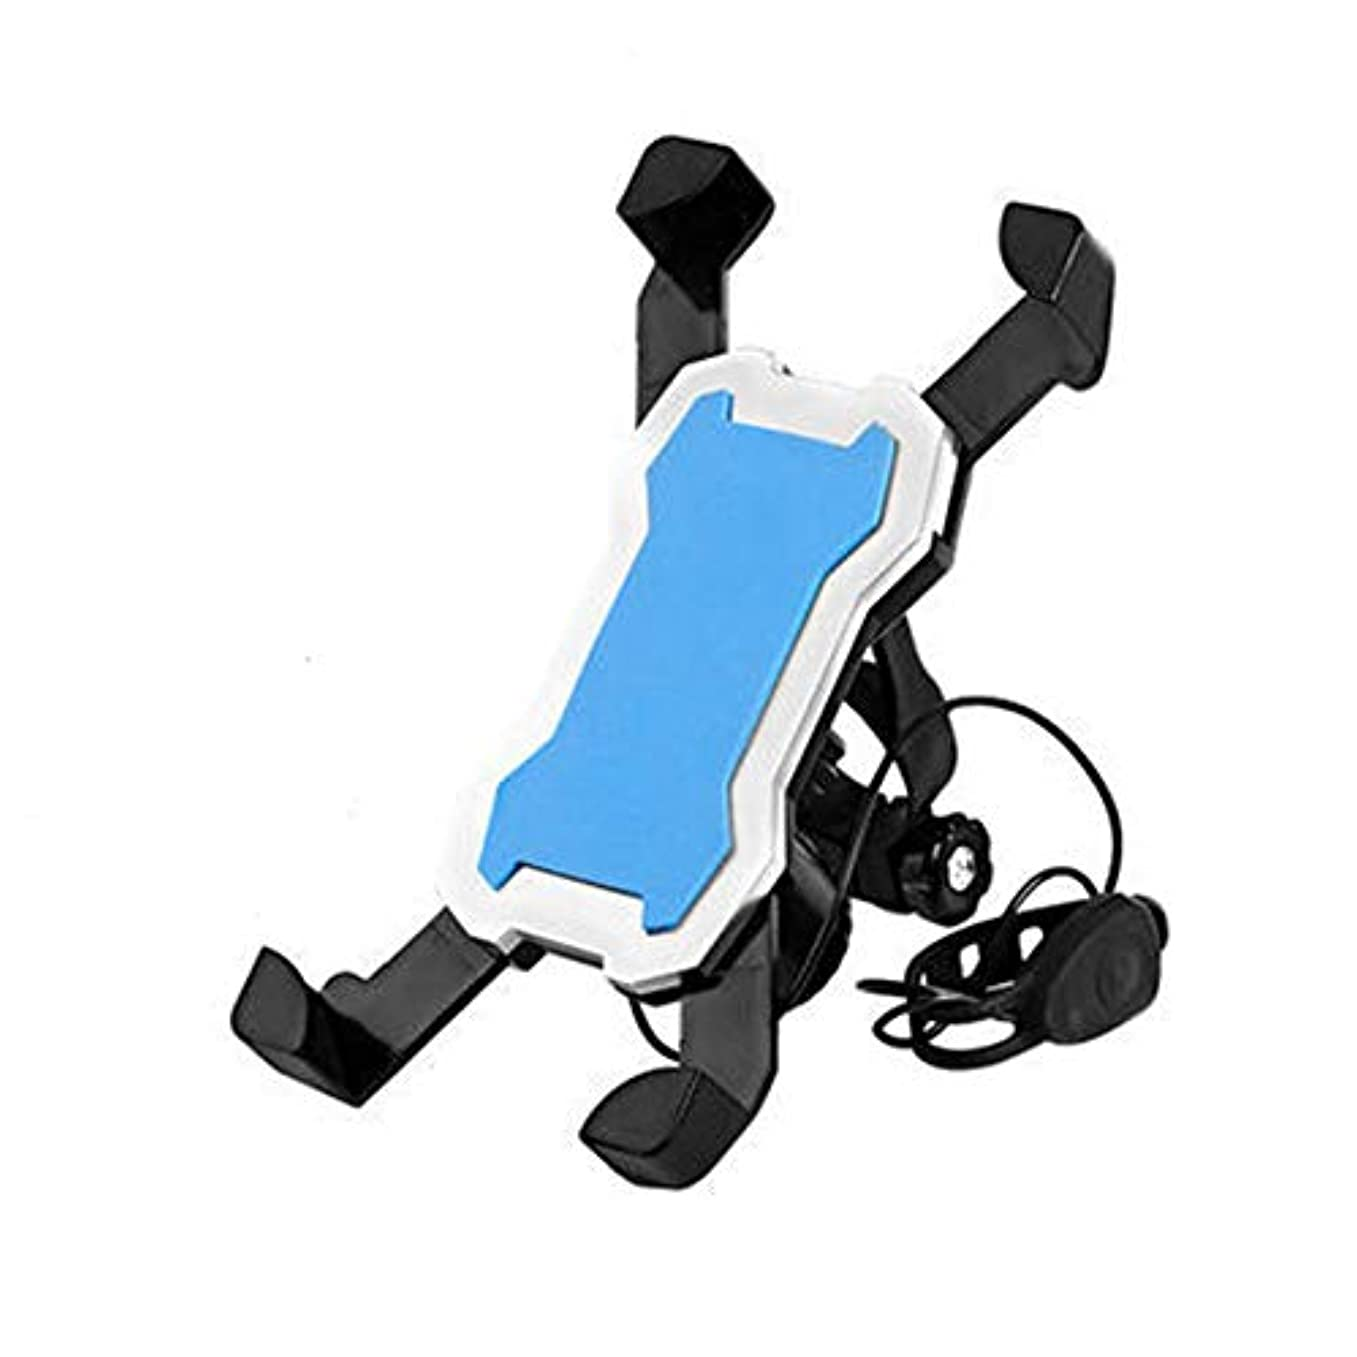 控えるシャンパン無線OnKJ自転車 スマホ ホルダー 携帯電話ホルダー バイク スピーカー付き360度回転 脱着簡単 脱落防止 角度調整 強力な保護